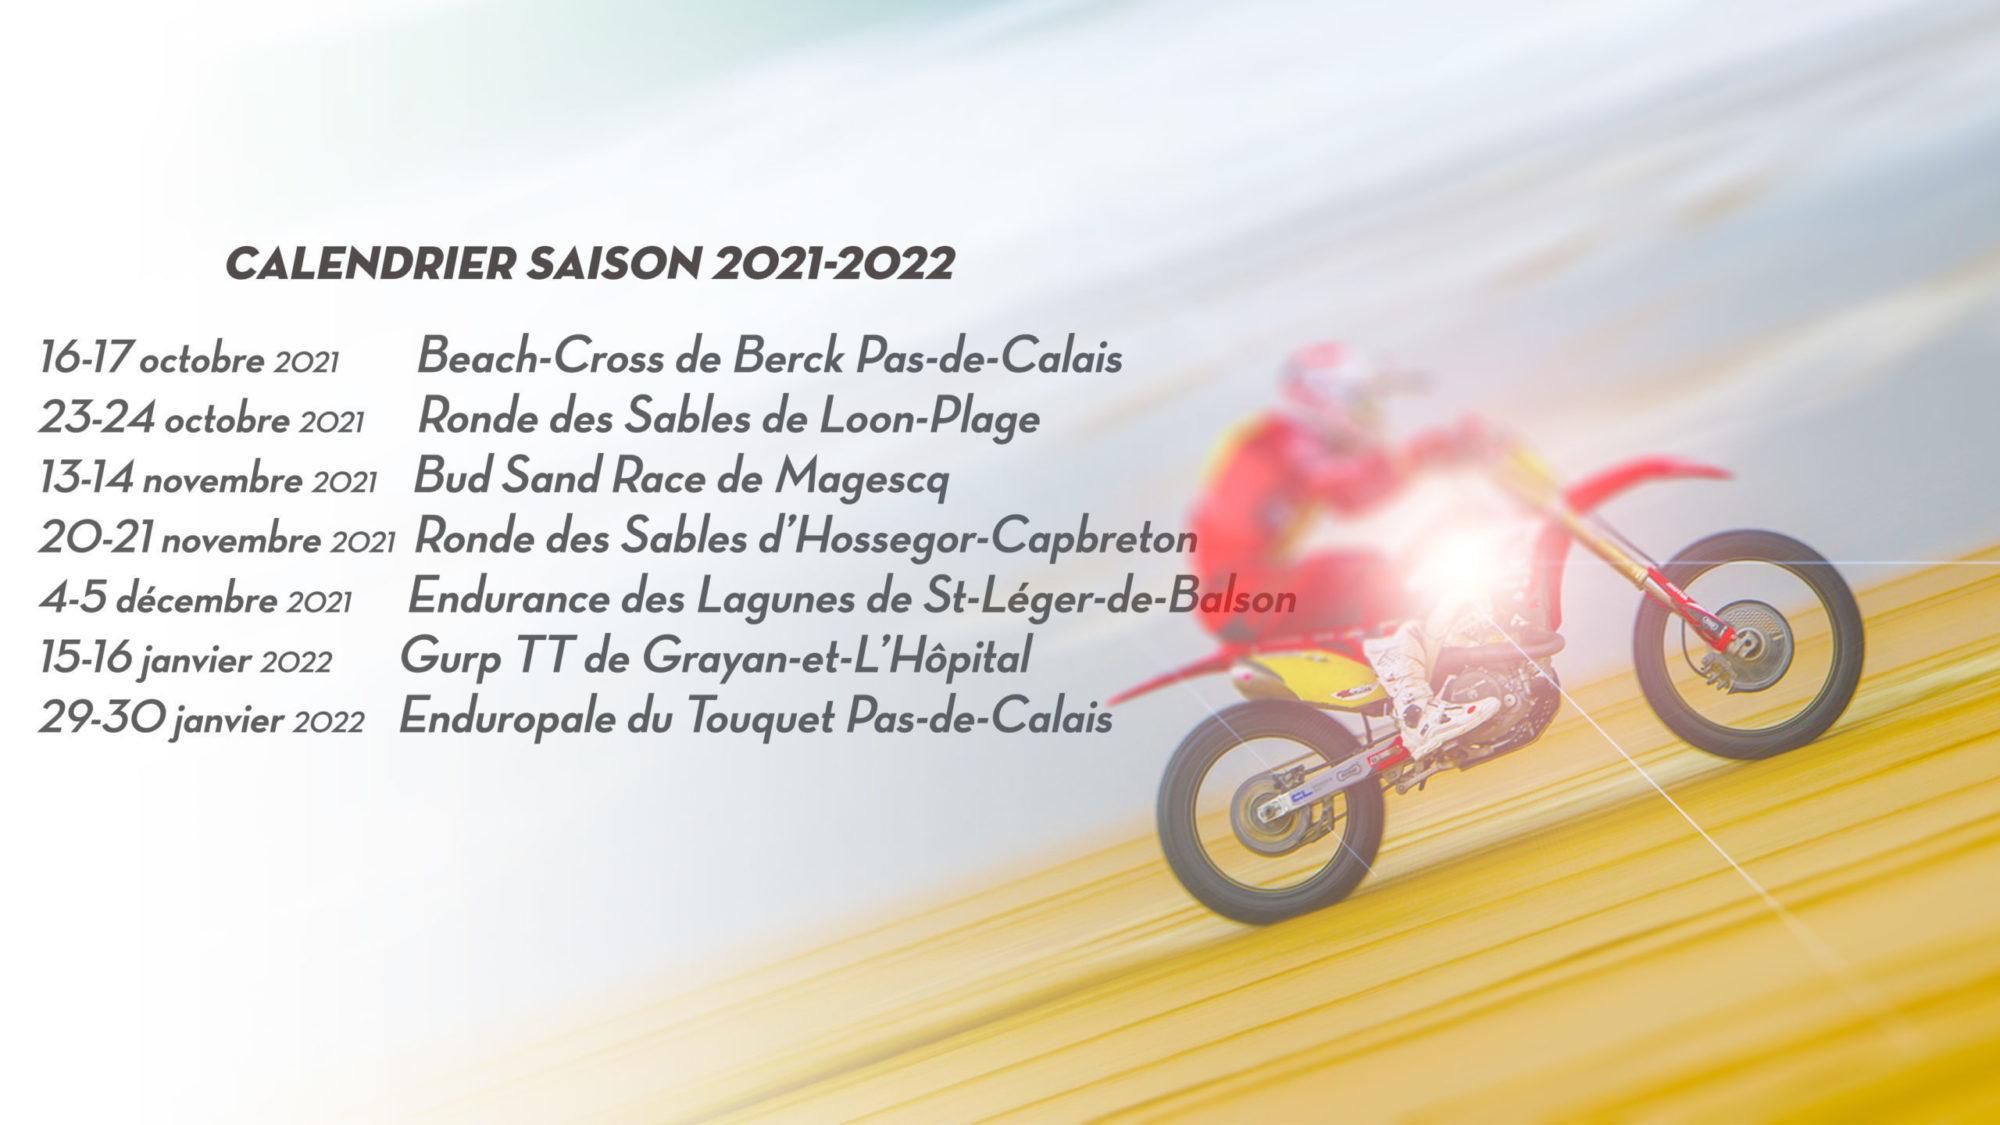 Le calendrier du CFS 2021-2022